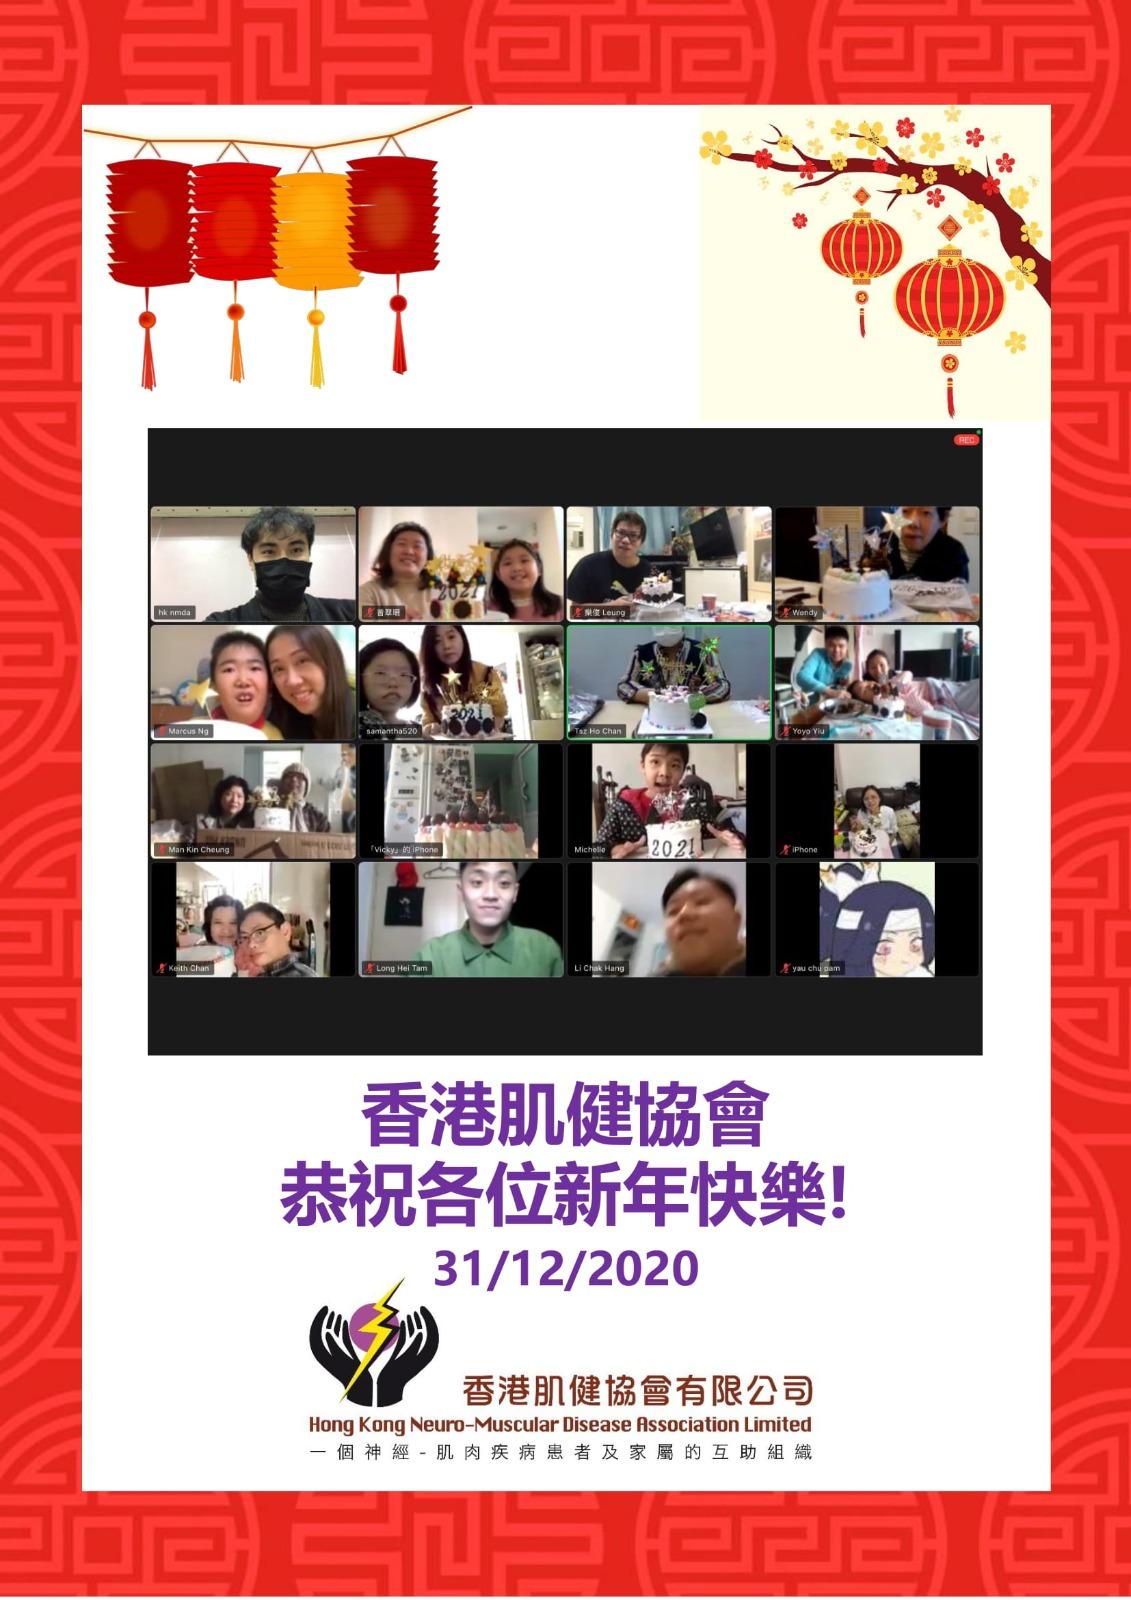 香港肌健協會-恭祝新年快樂